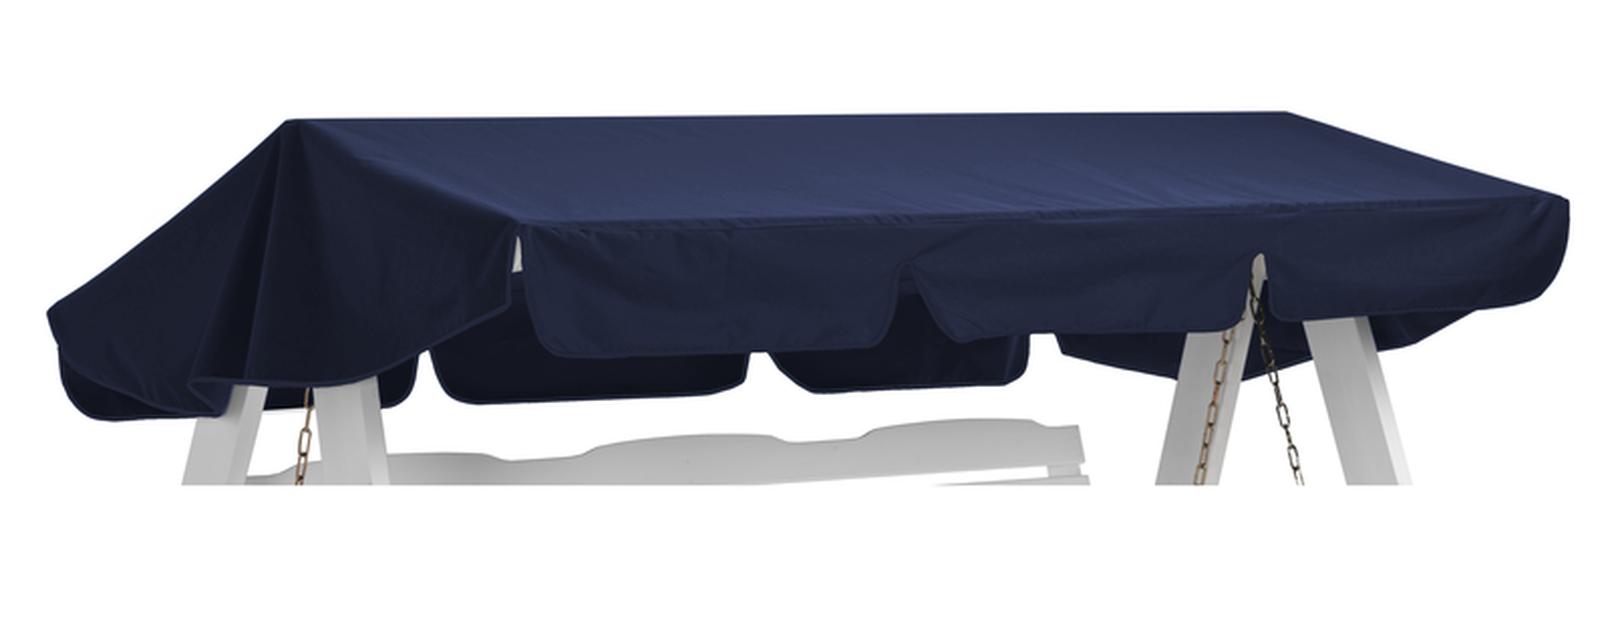 Hammocktak Dalom, marineblå